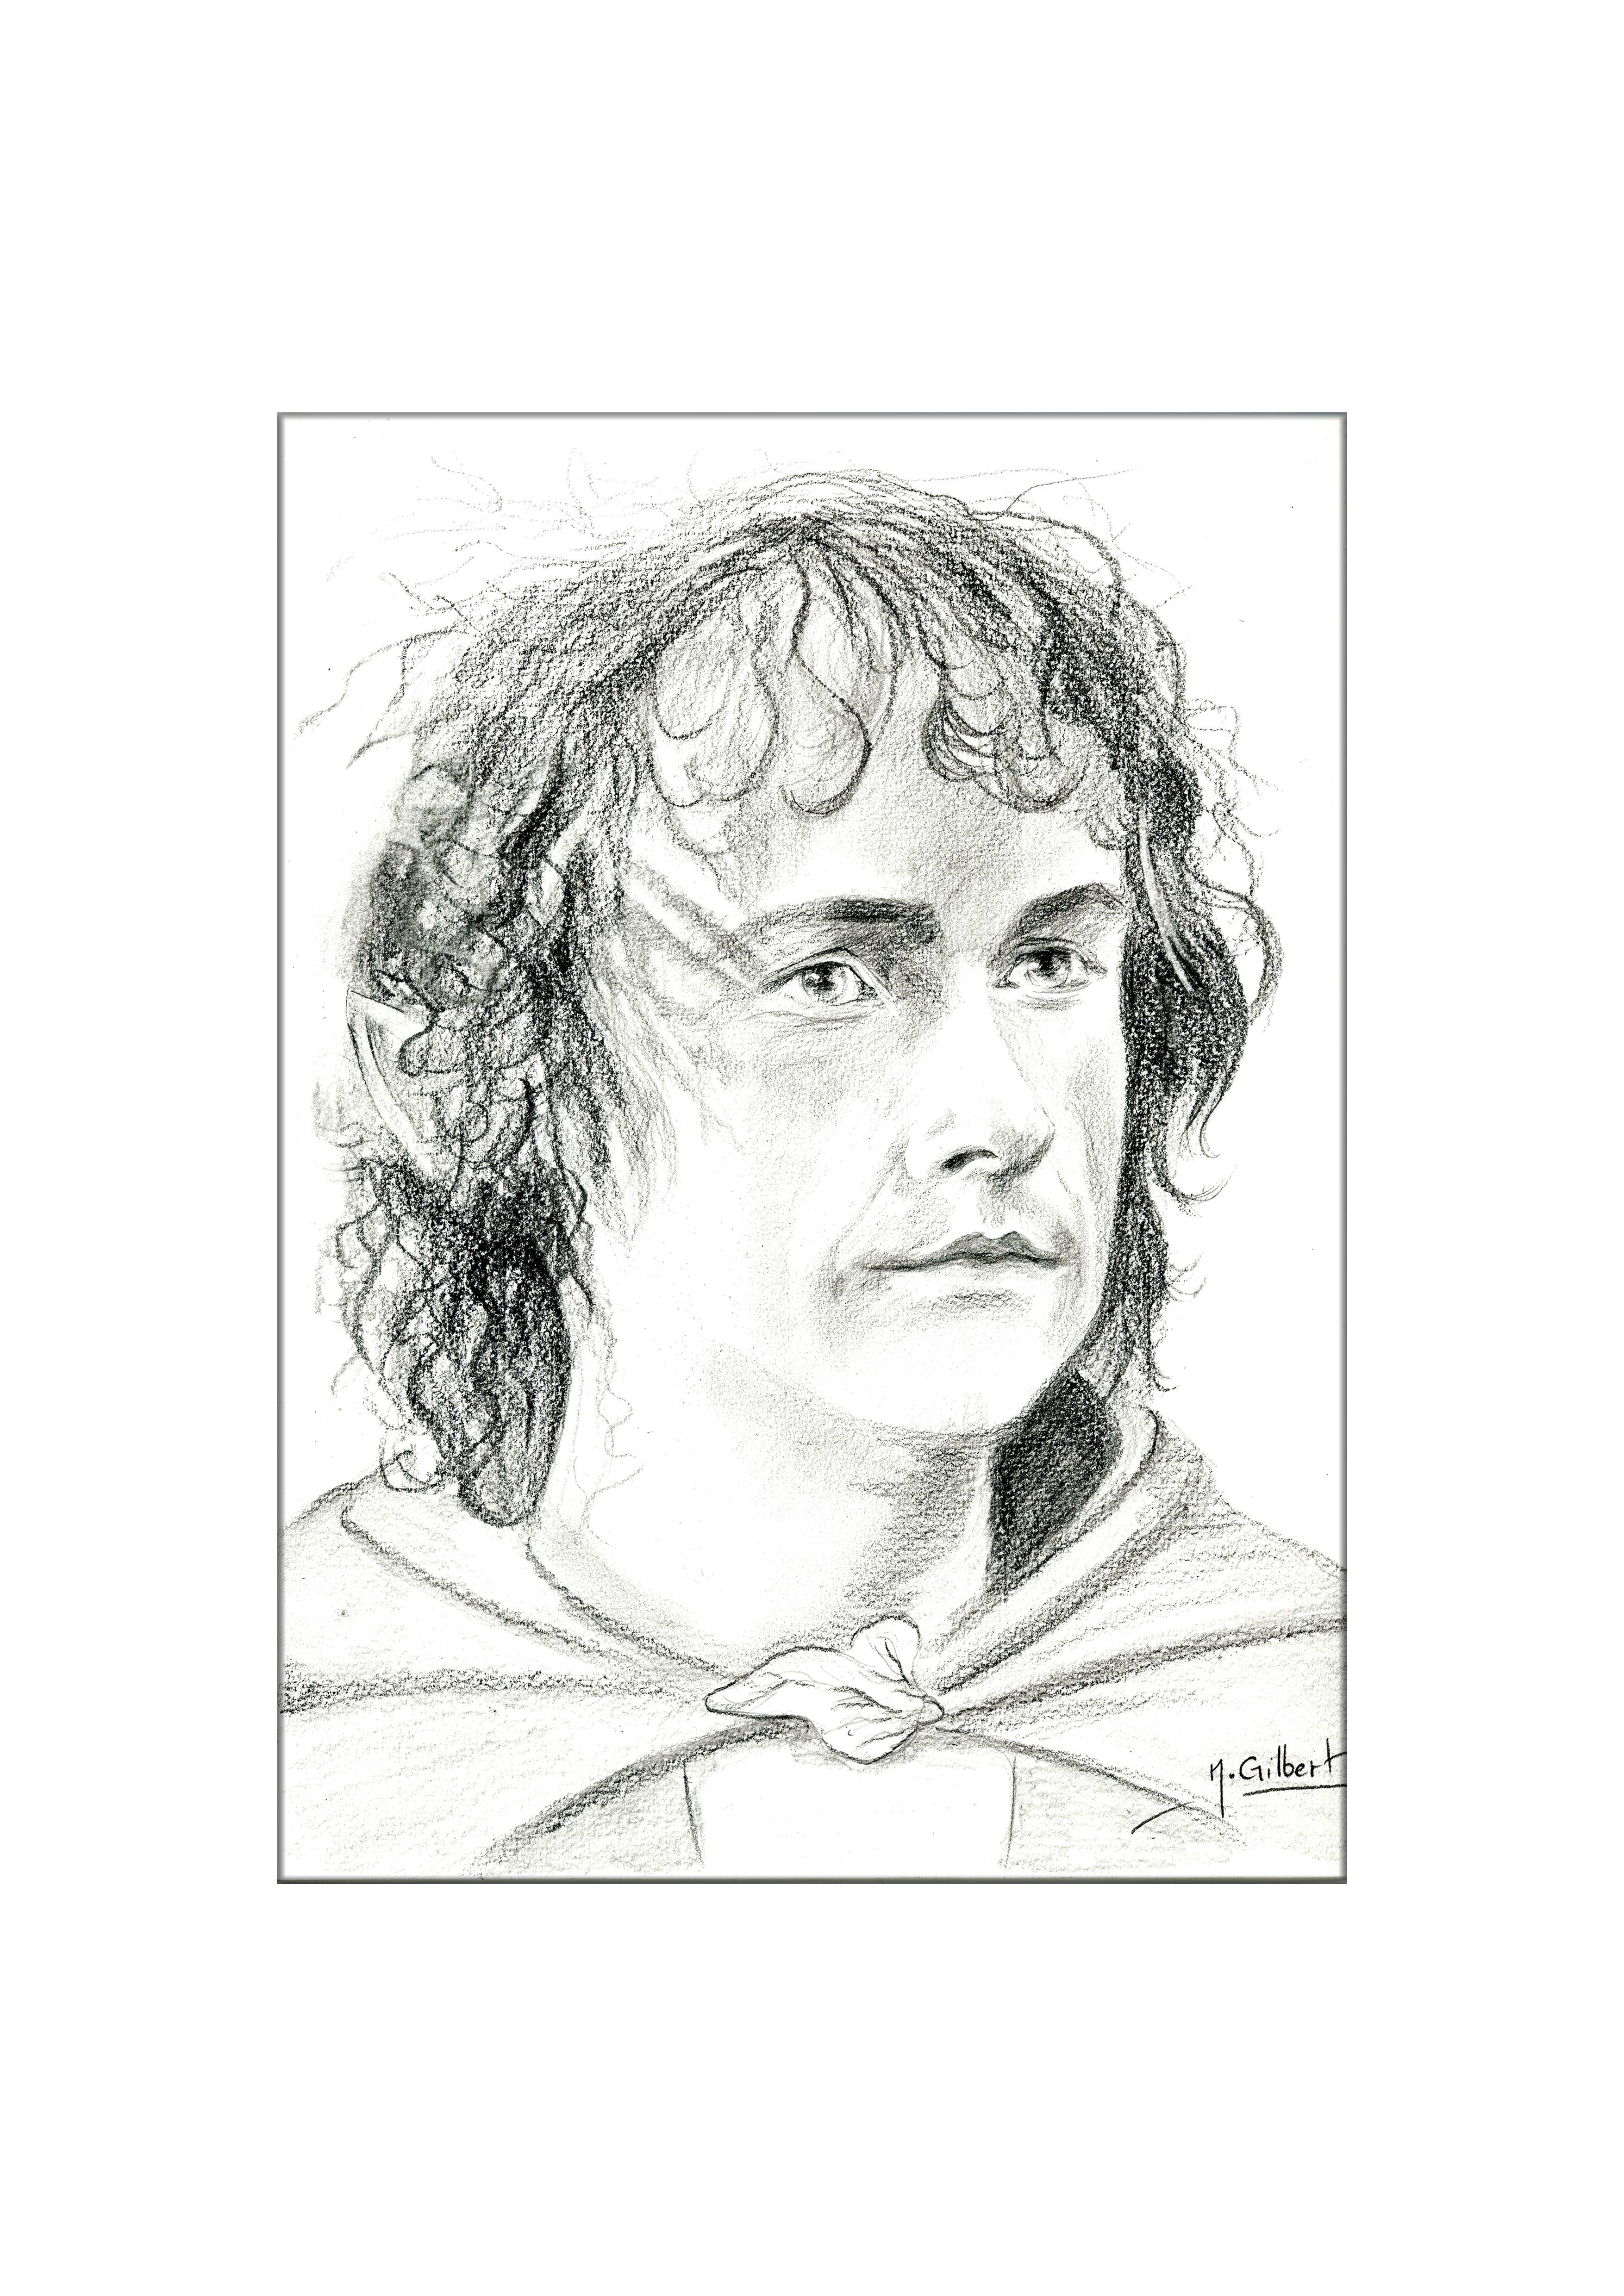 Peregrin took le seigneur des anneaux dessin au crayon - Dessin seigneur des anneaux ...